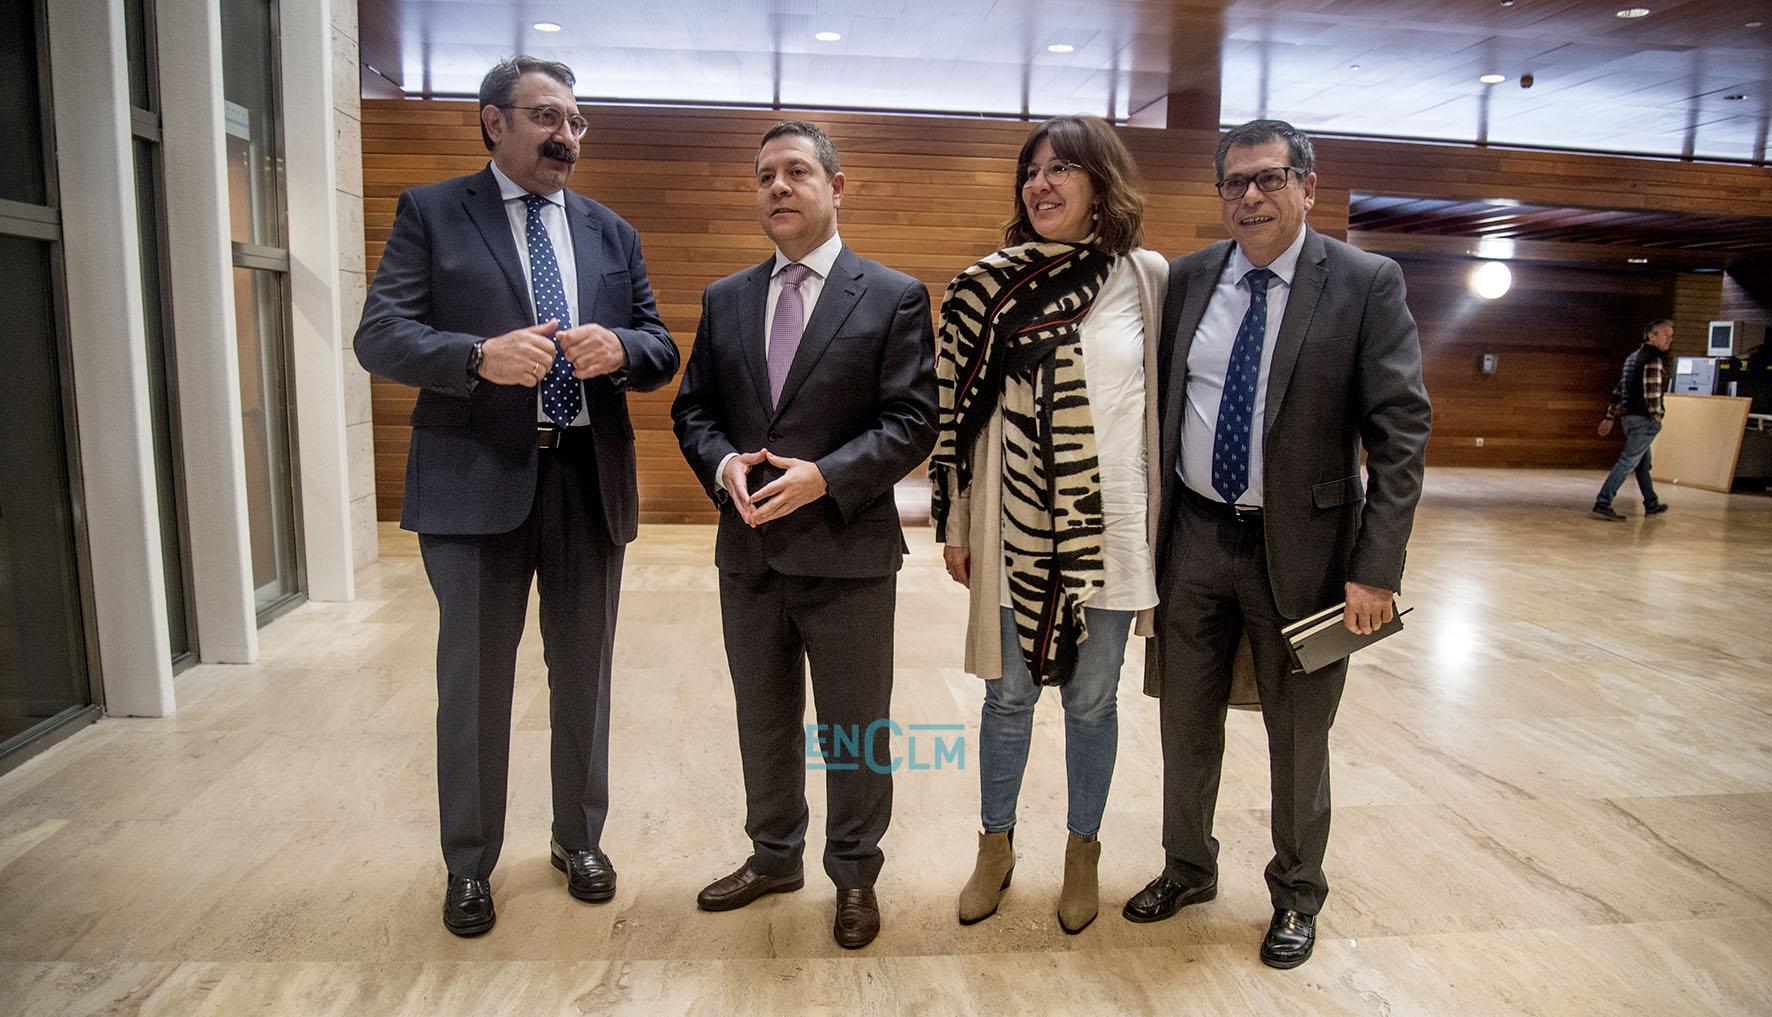 Jesús Fernández Sanz, Emiliano García-Page, Blanca Fernández y Javier Nicolás.